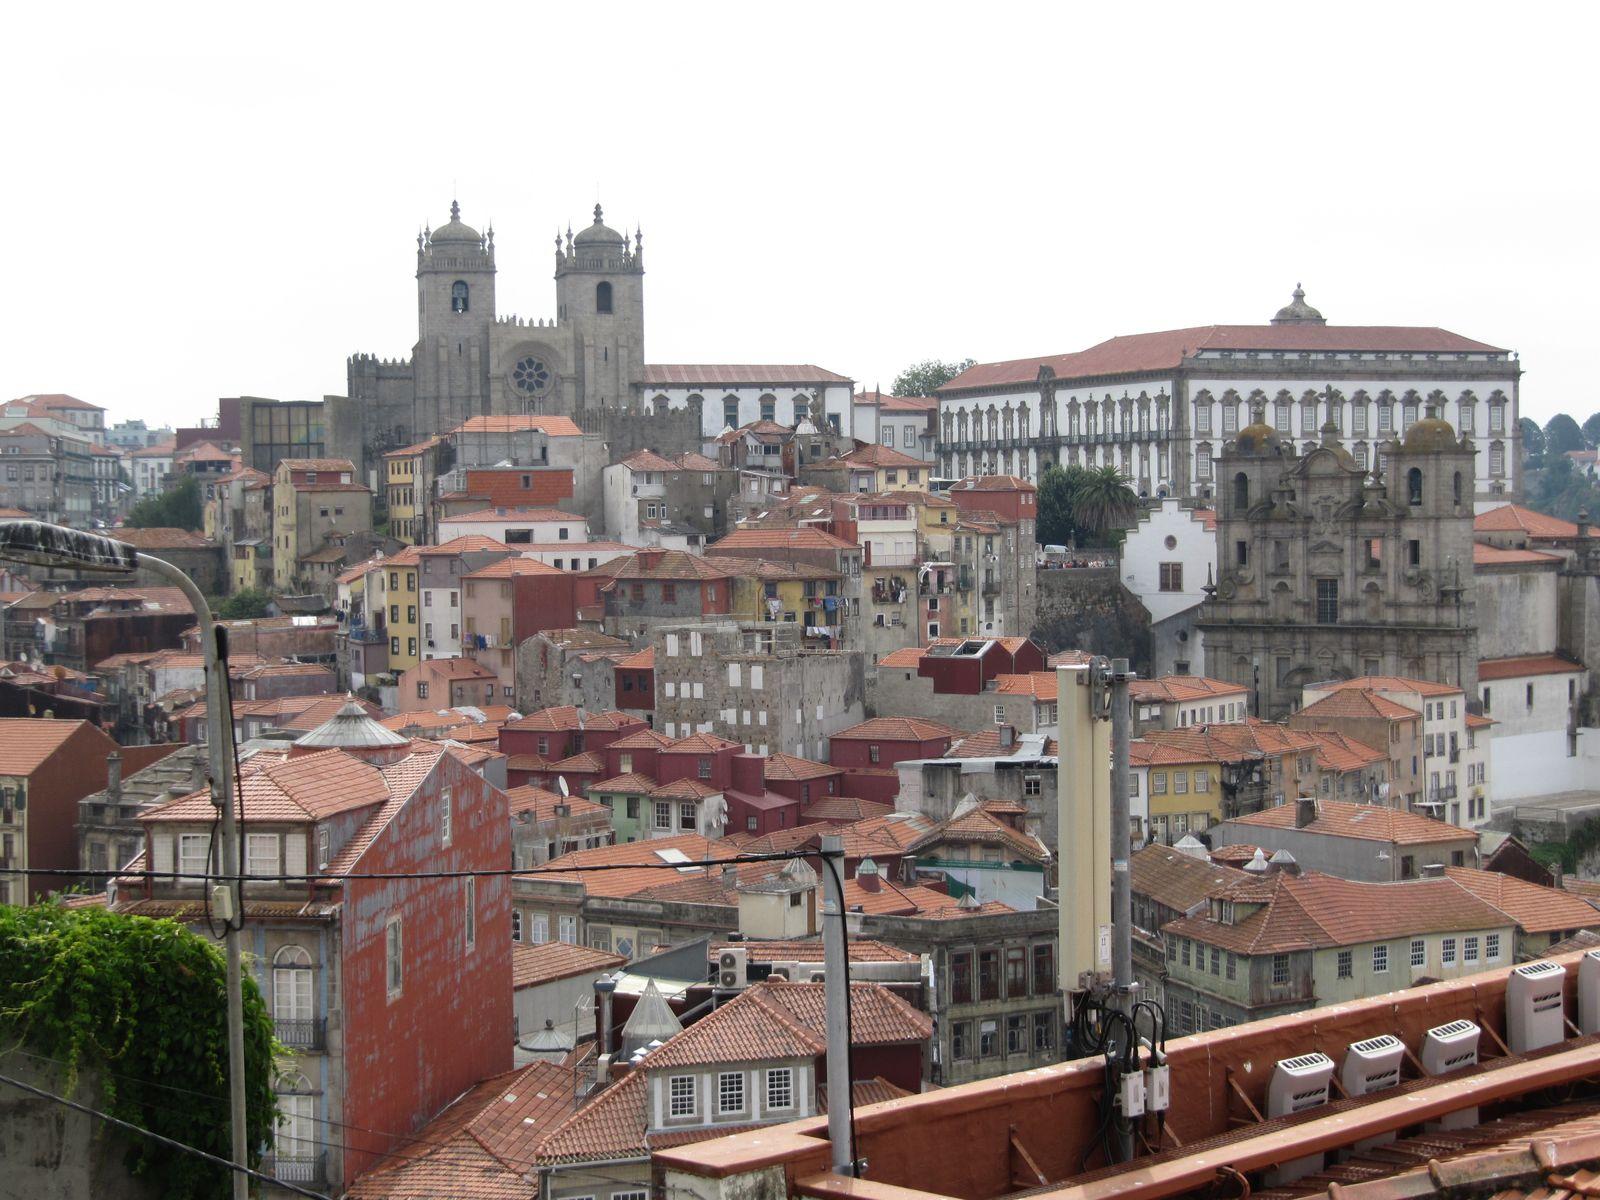 photo n°1 :Porto vue du pont Luis I, photo n°2 : Porto vue du centre ville, photo n°3 : magnifiques azuléjos de la gare de Porto